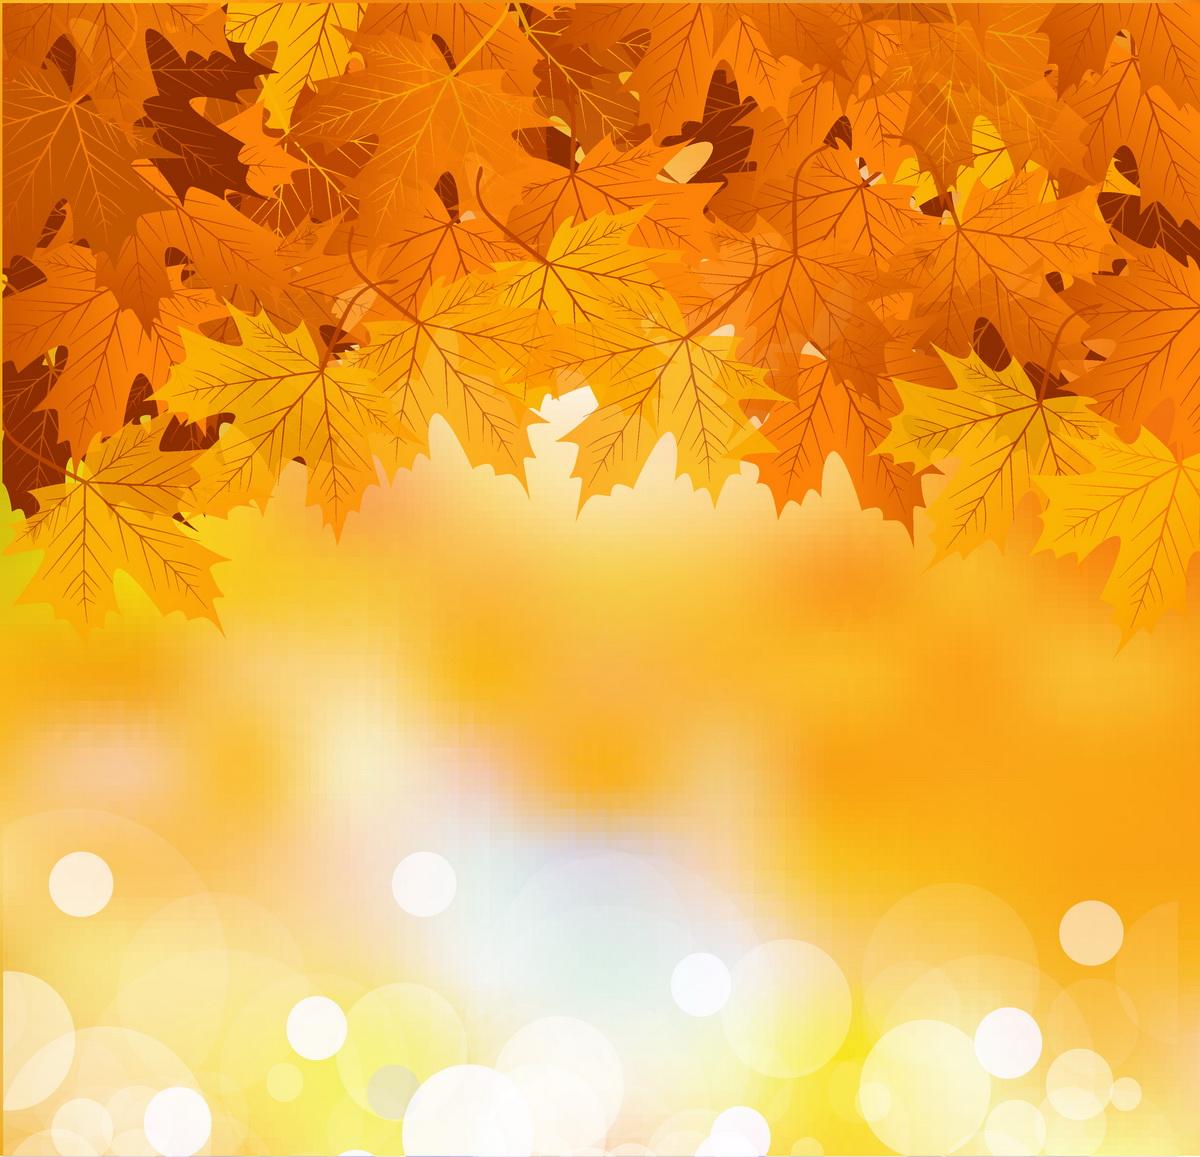 Фоновые картинки с осенью зимой